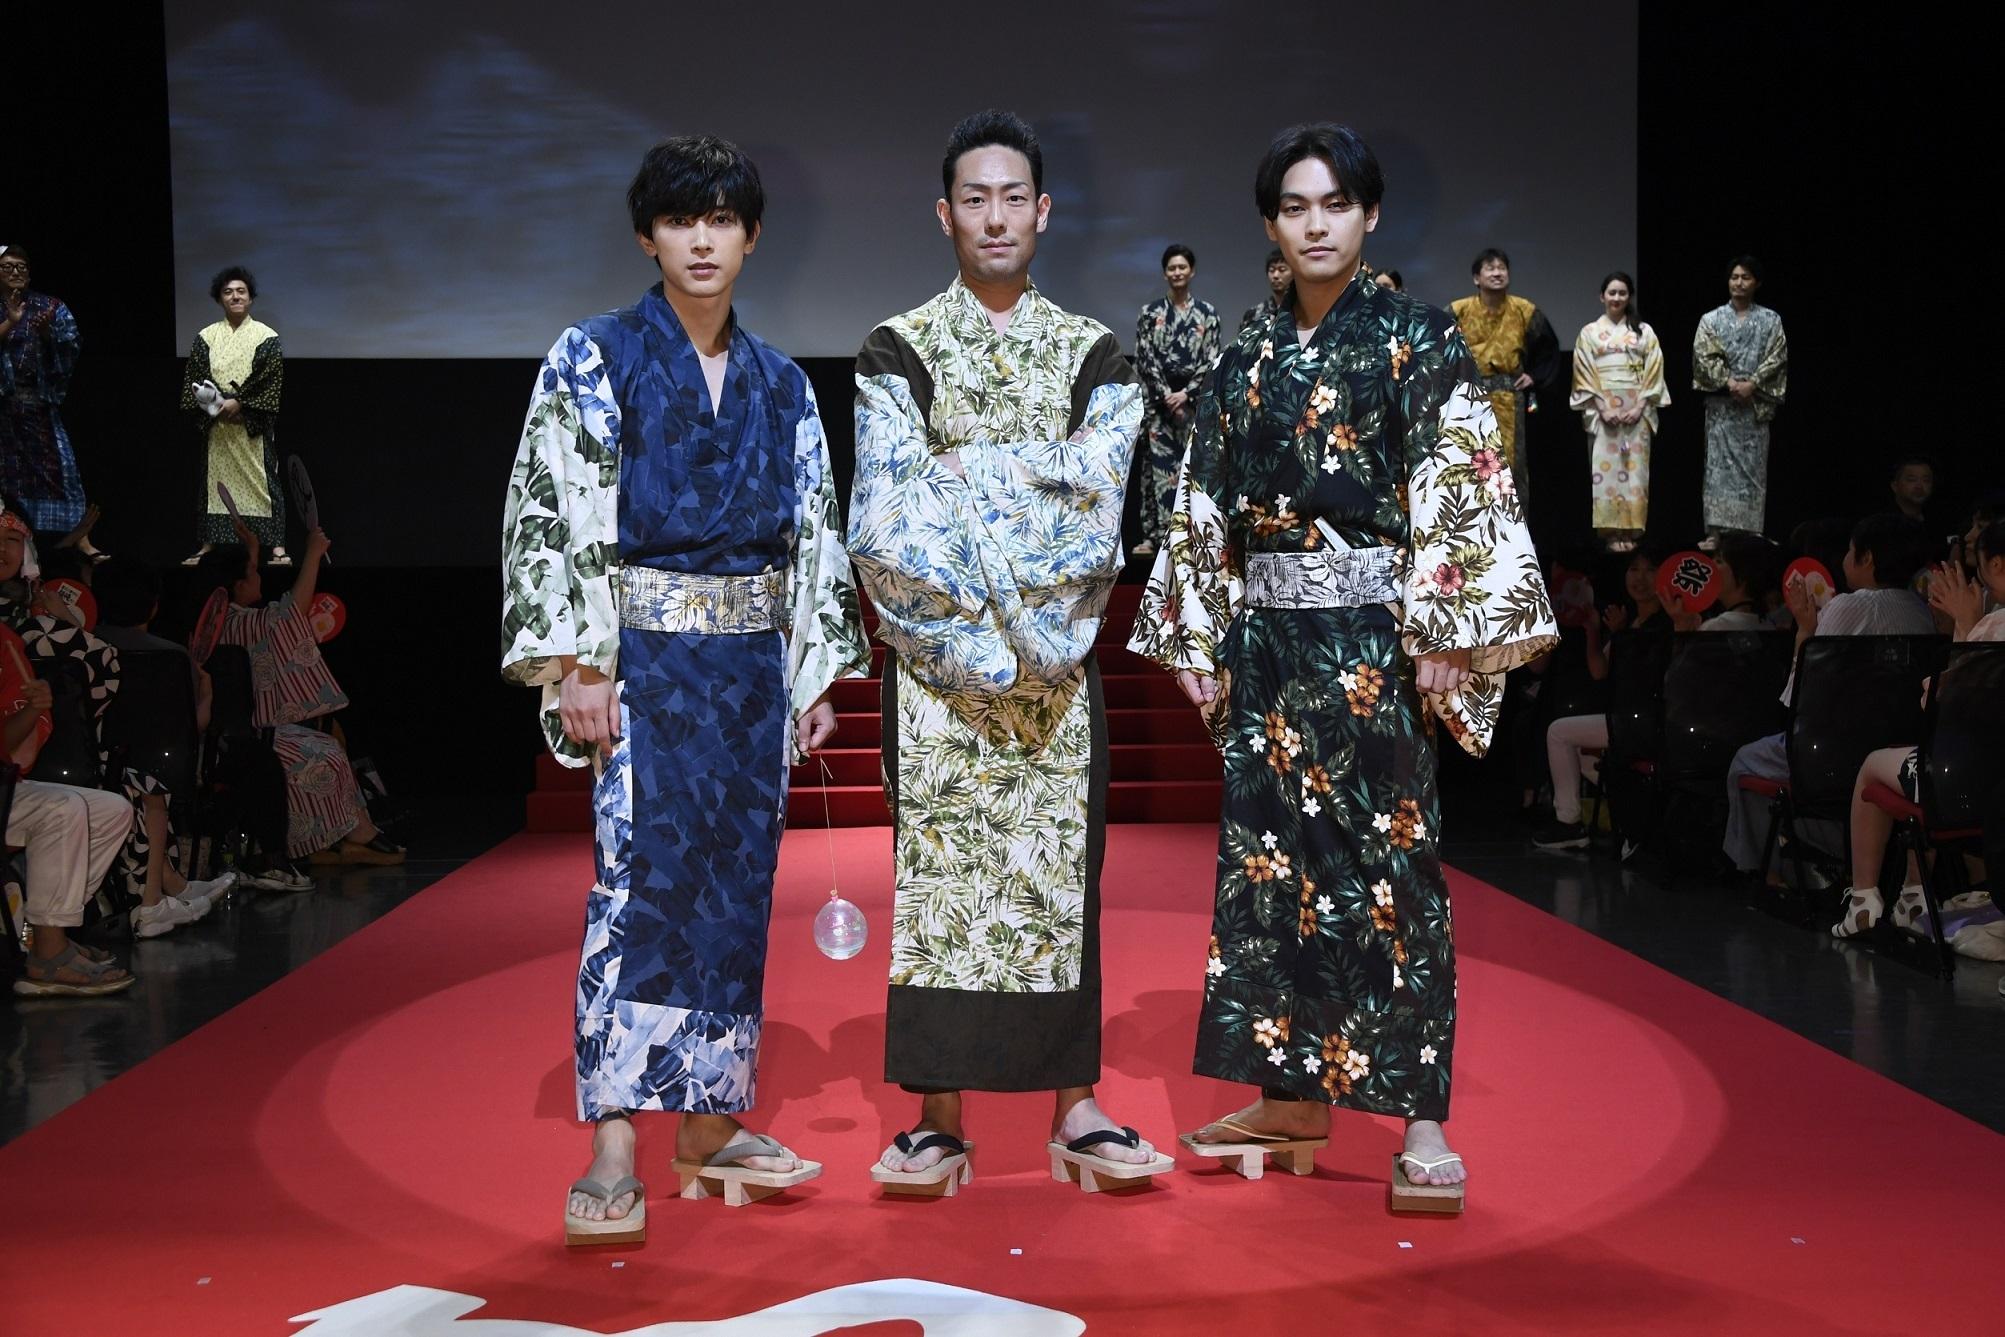 左から、吉沢亮、中村勘九郎、柳楽優弥